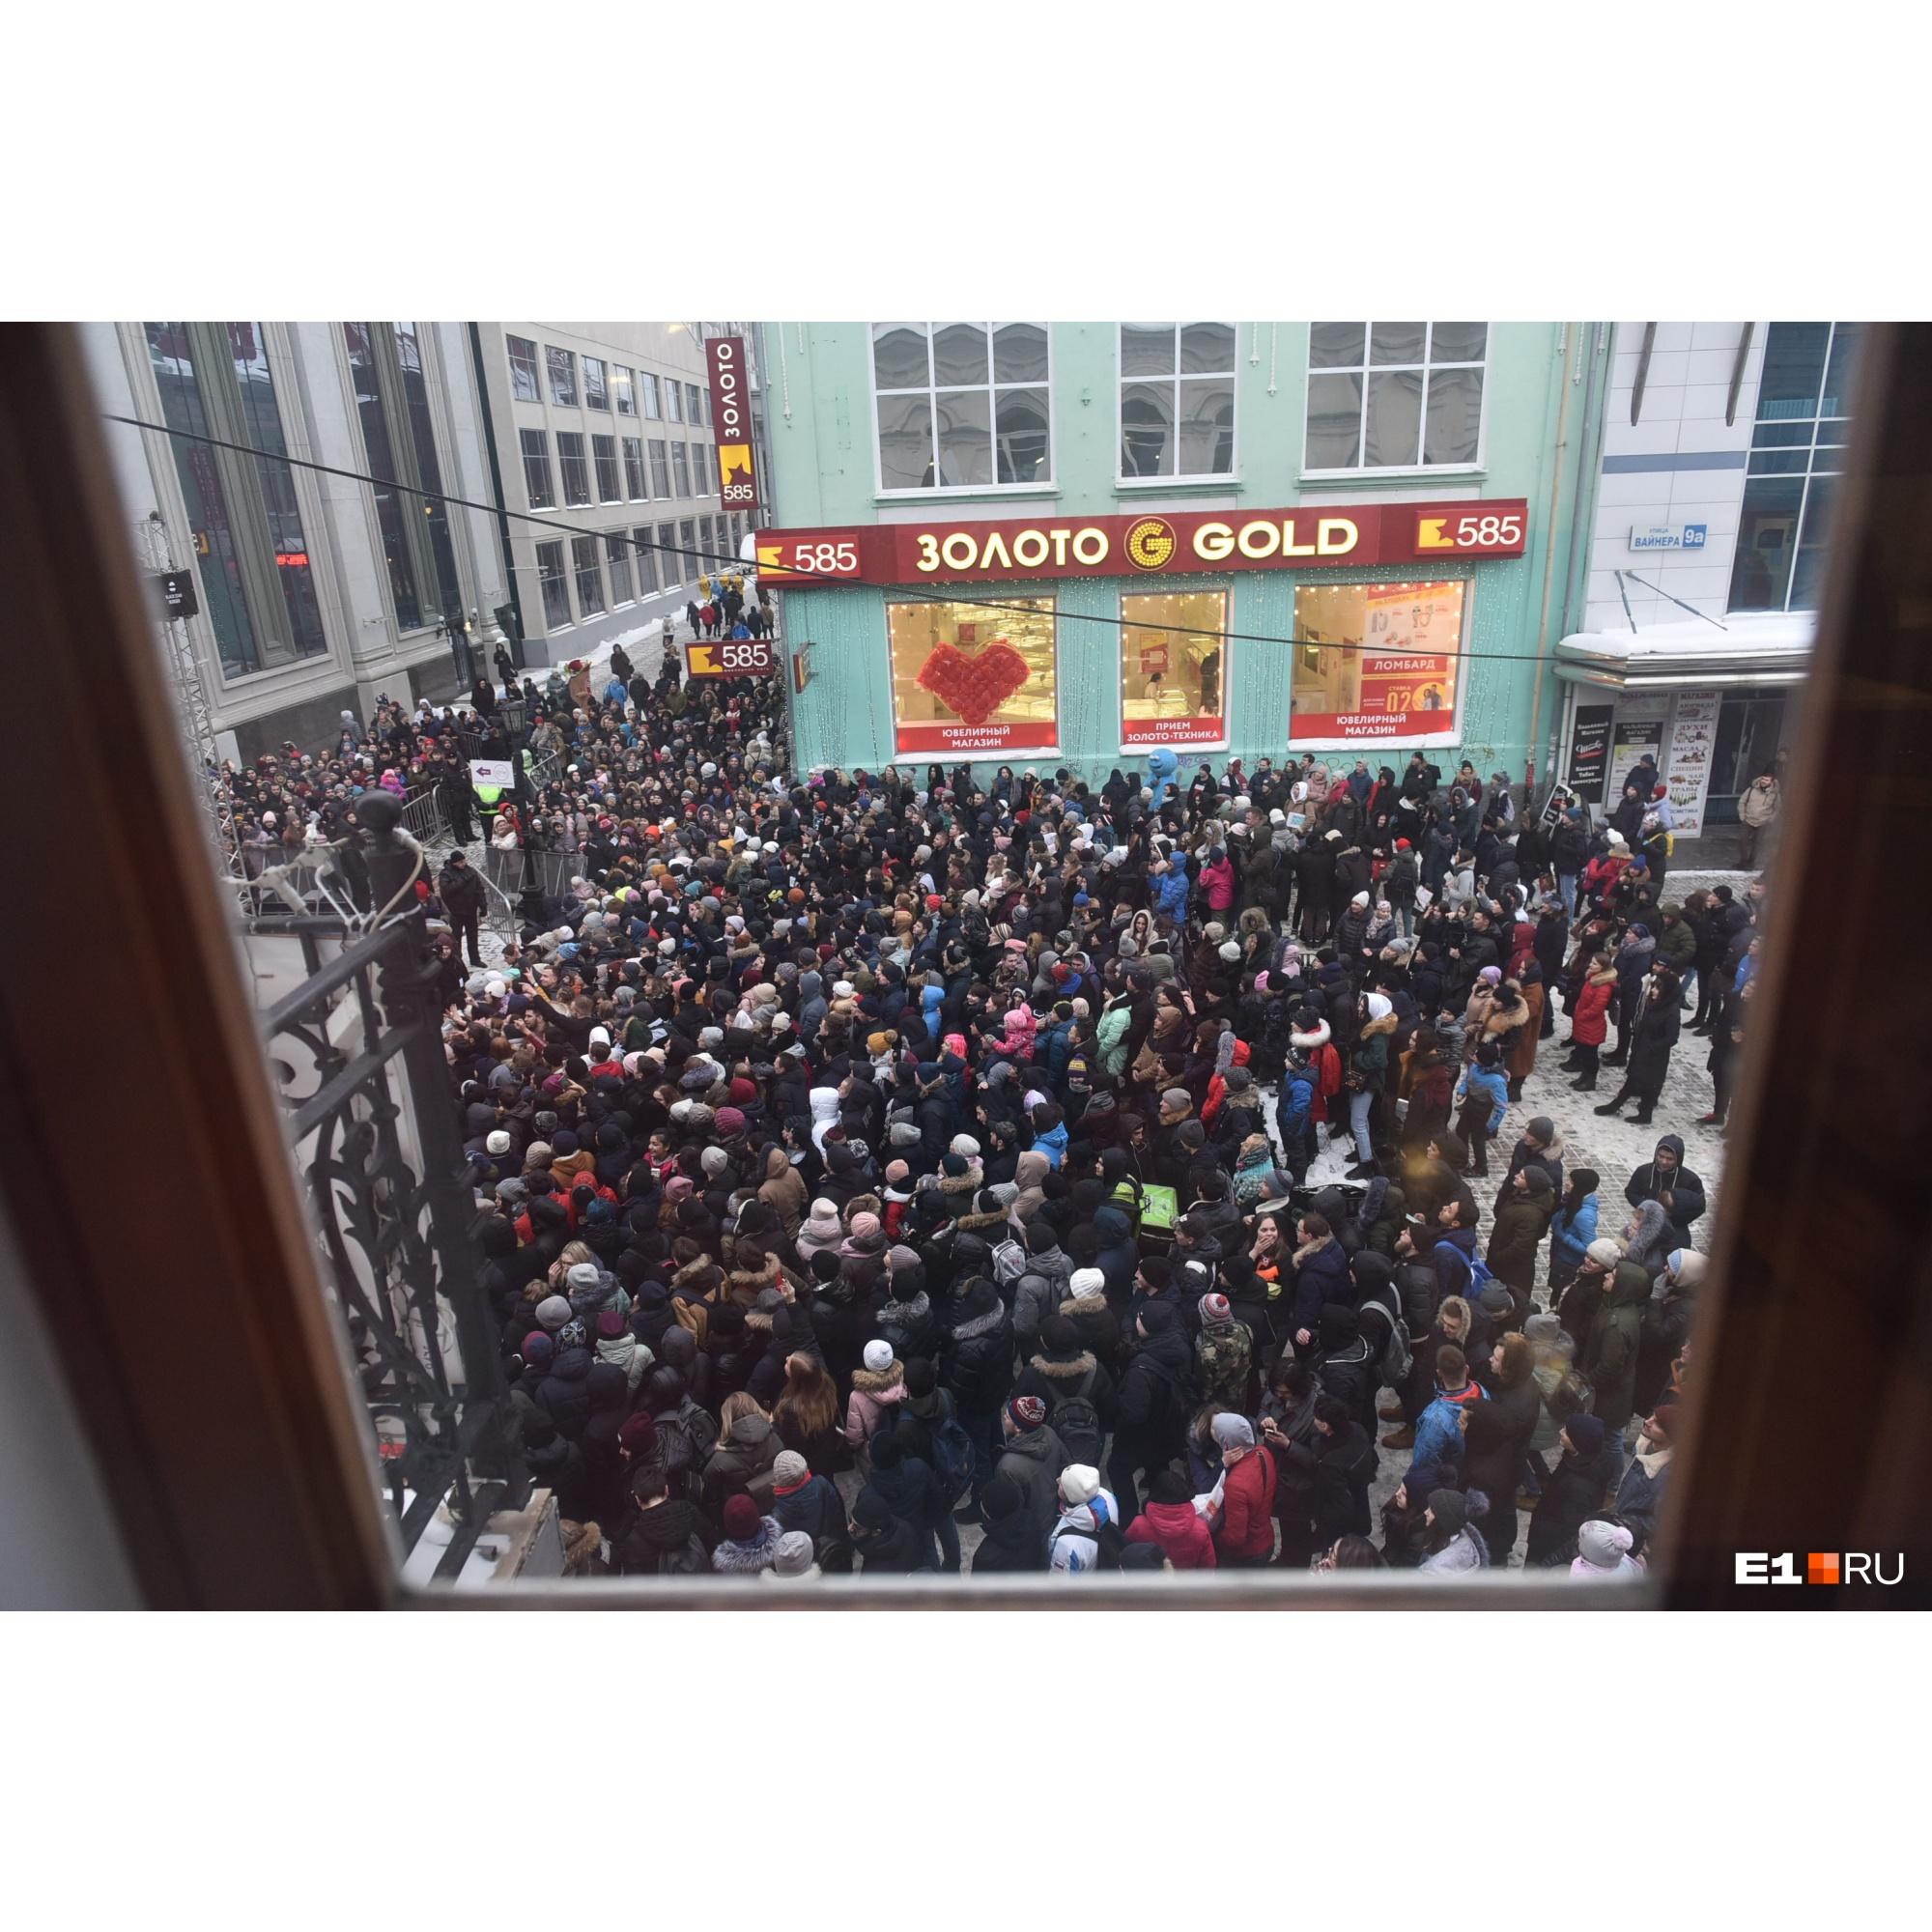 Людей, как на митинге